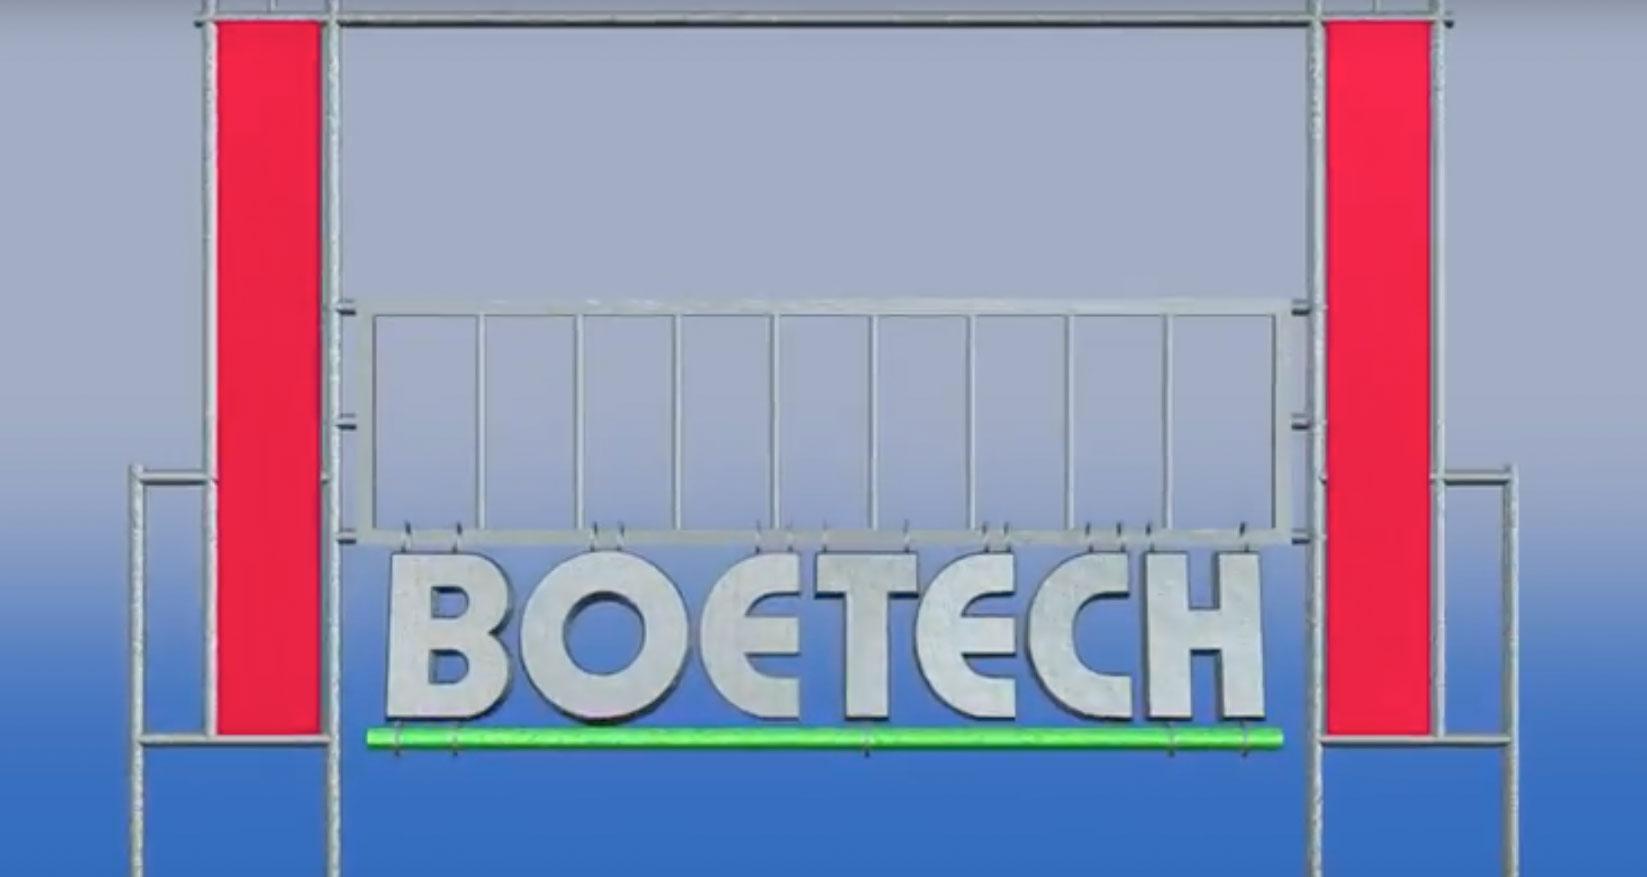 boetech